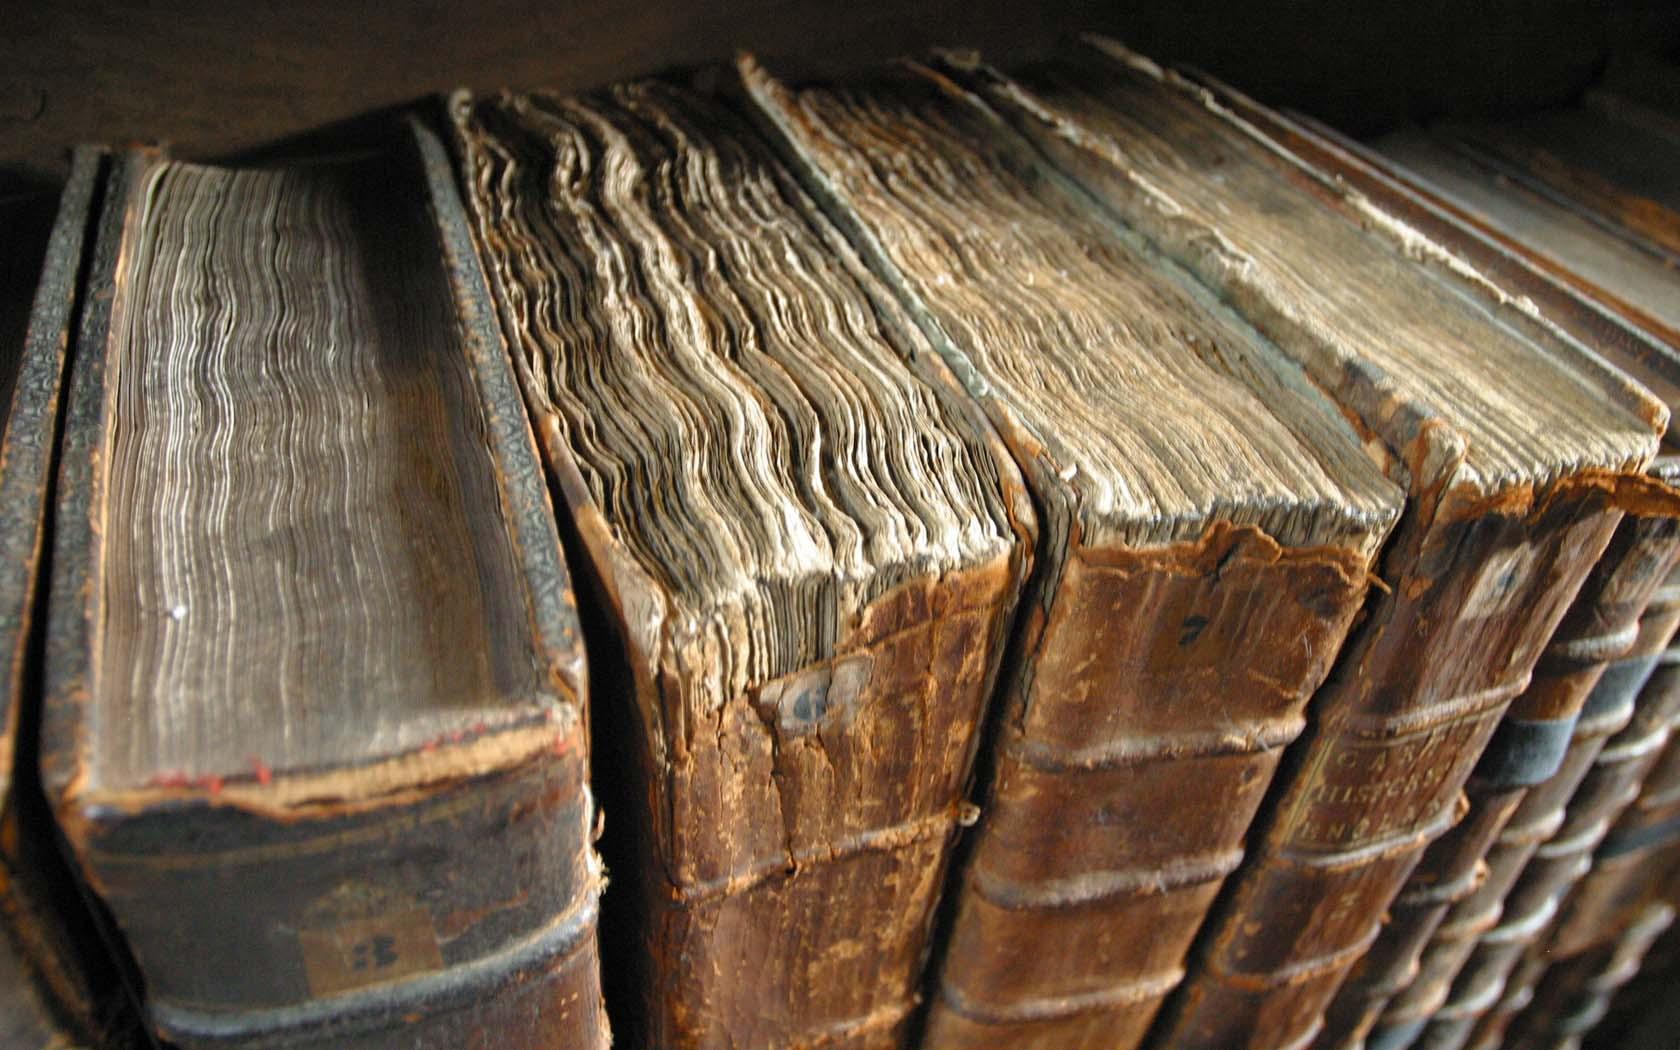 Oczytany poleca: Zapowiedzi książkowe na styczeń i luty 2018